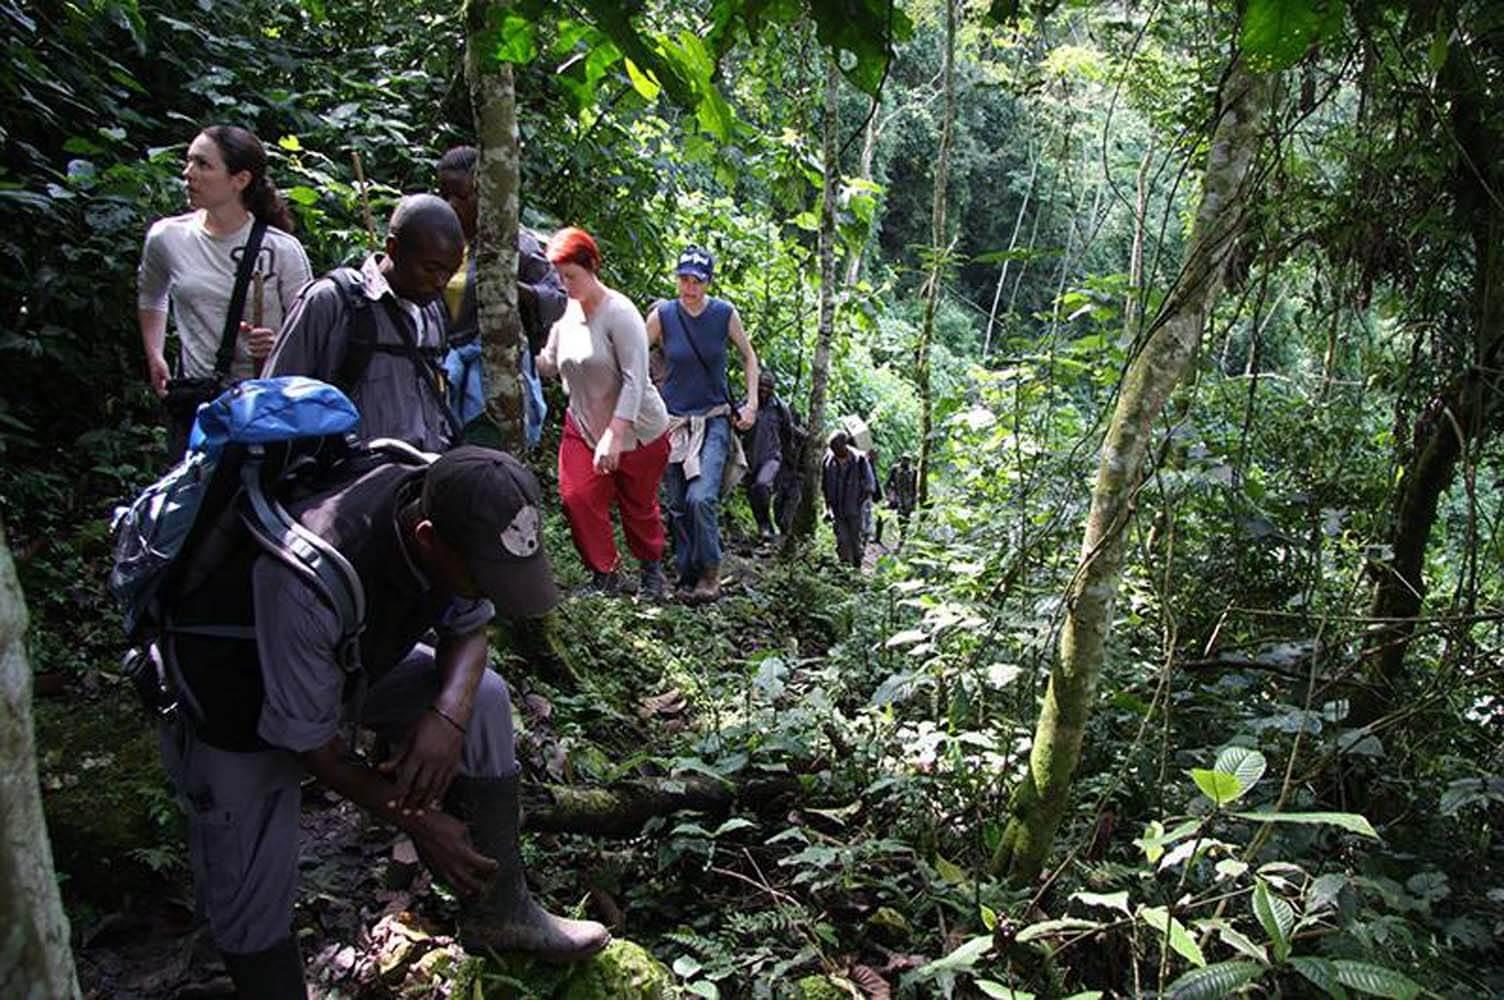 bestig-kilimanjaro-paa-bryllupsrejse-med-africa-tours Bryllupsrejse til Afrika